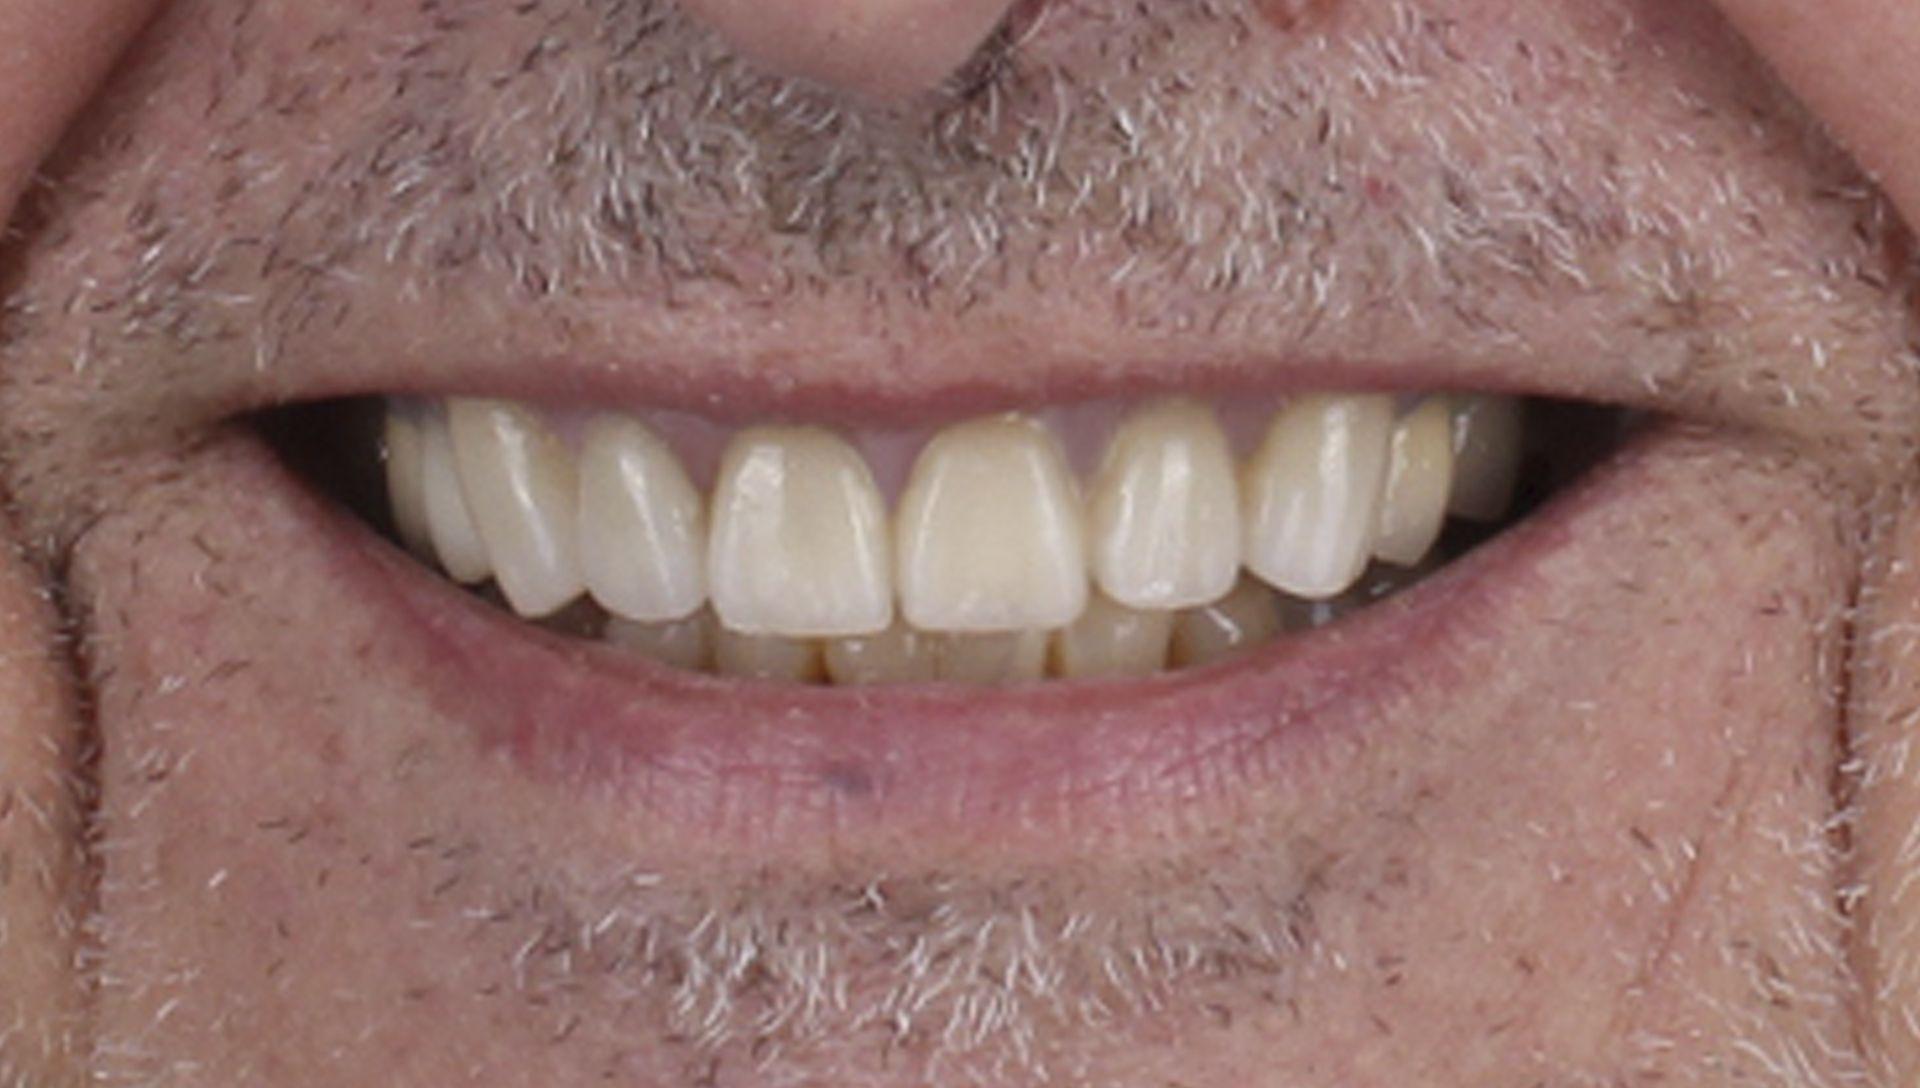 Després del tractament de pròtesis dentals